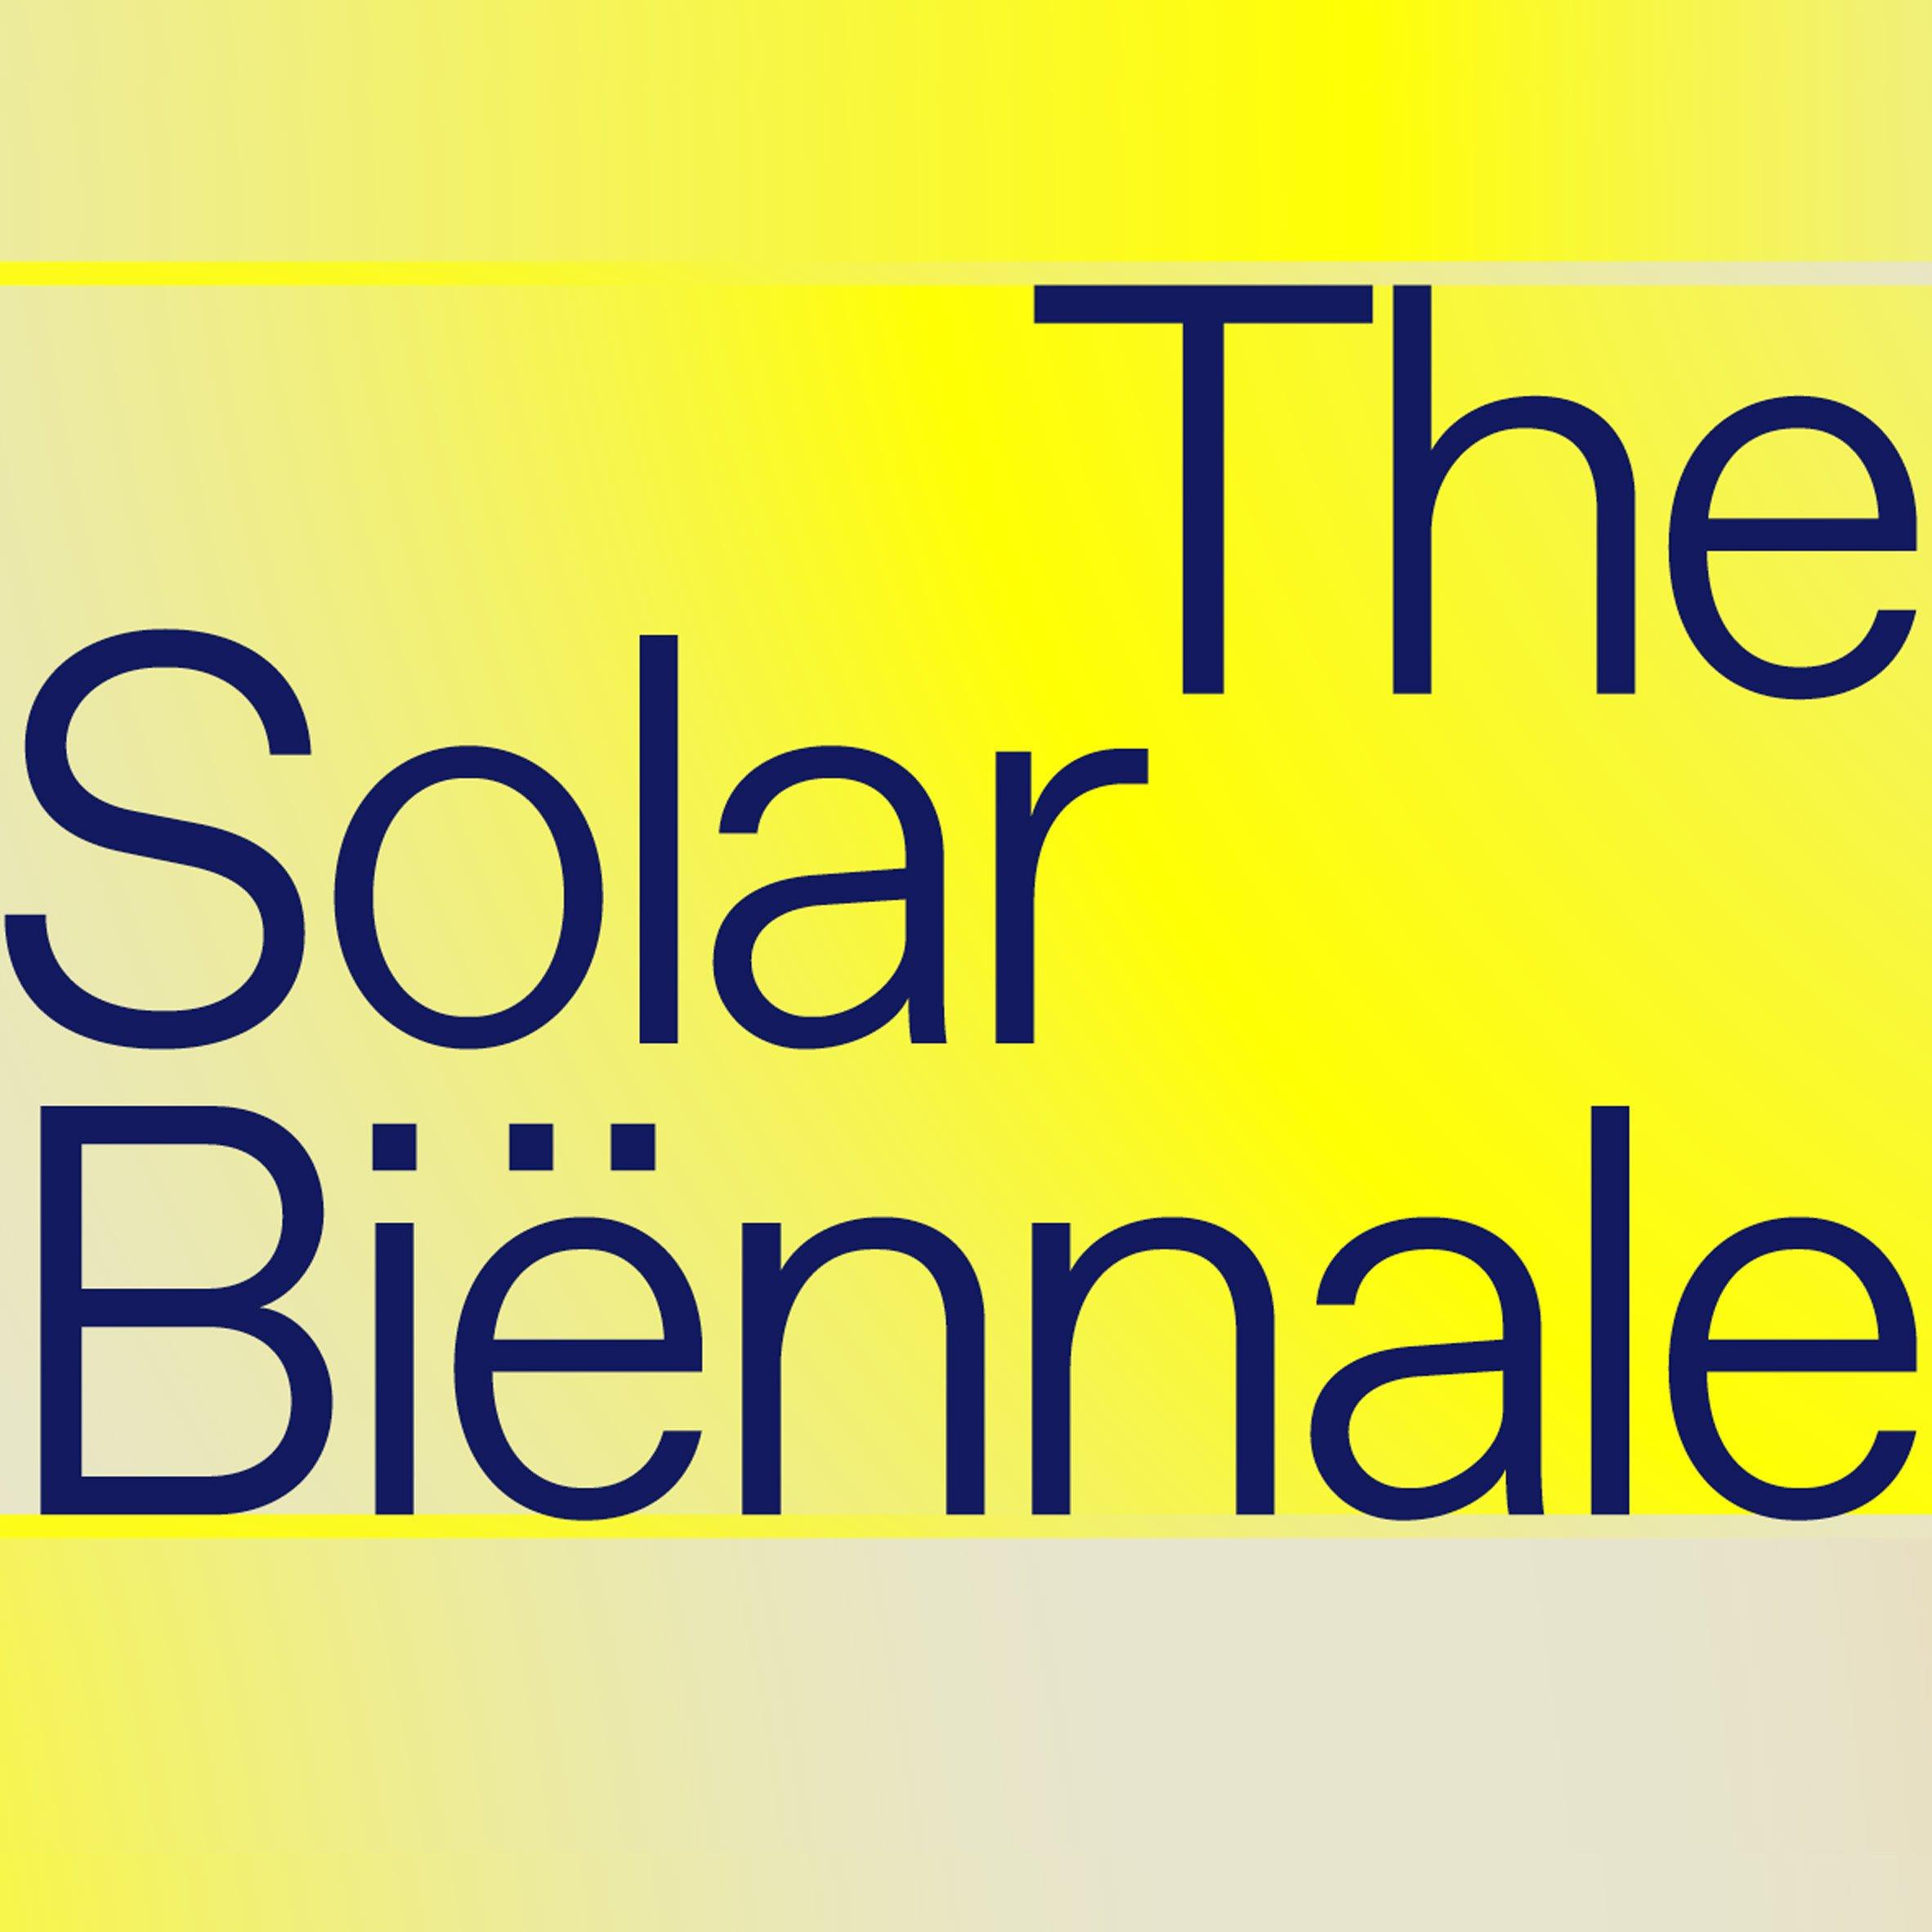 The Solar Biennale by Marjan van Aubel and Pauline van Dongen at Het Nieuwe Instituut